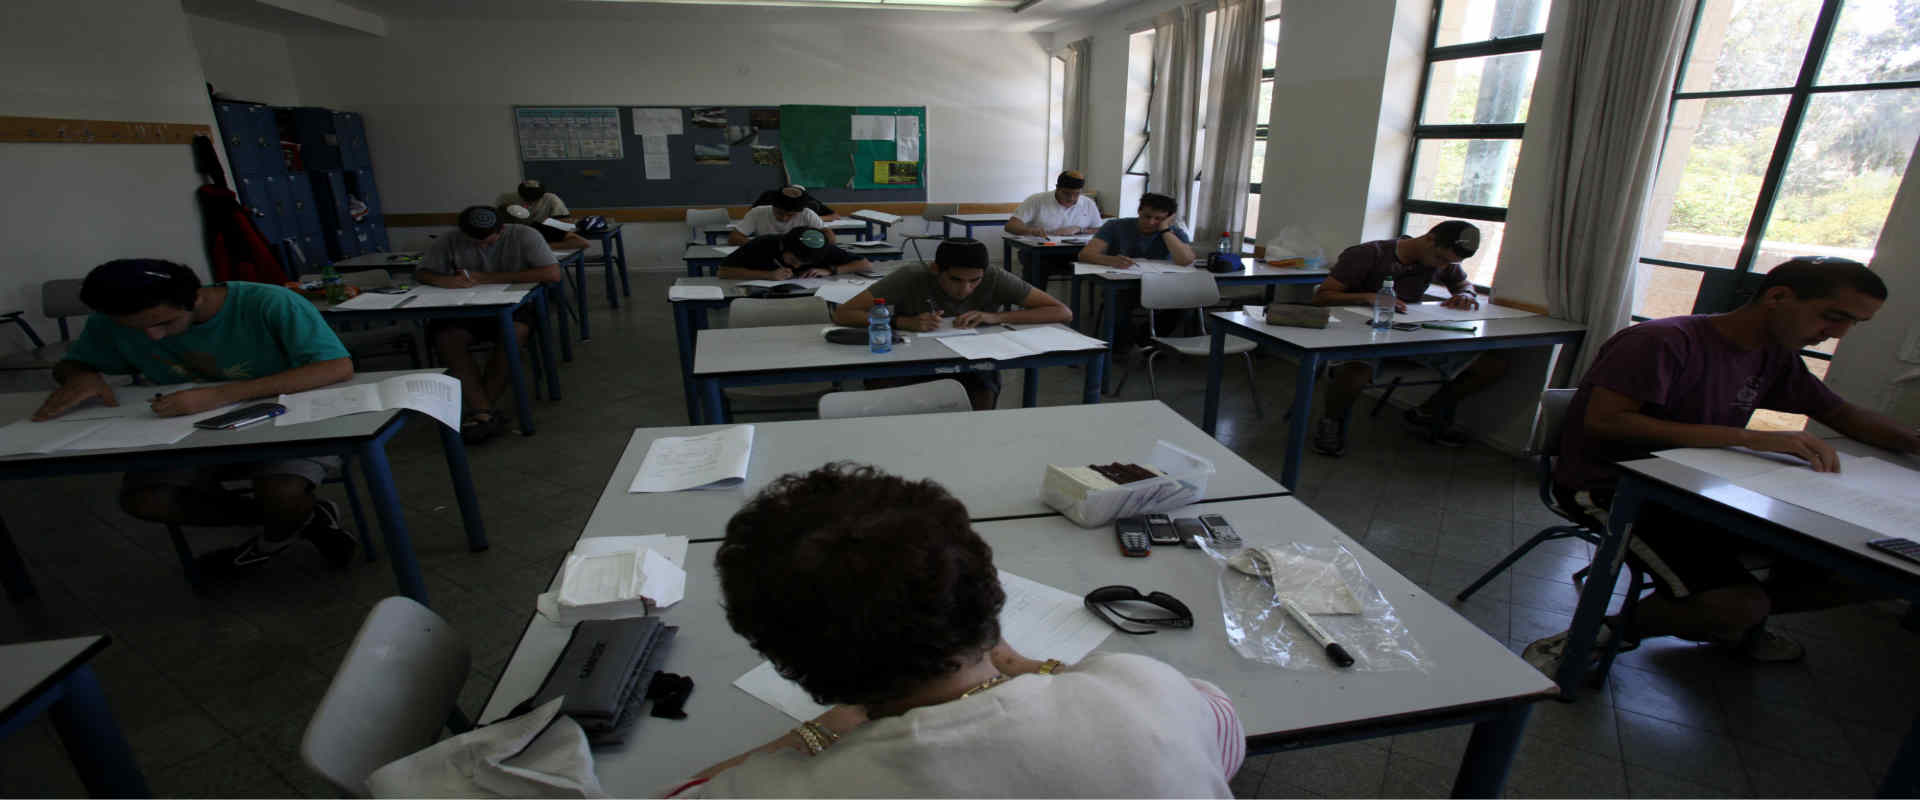 תלמידים בבית ספר תיכון